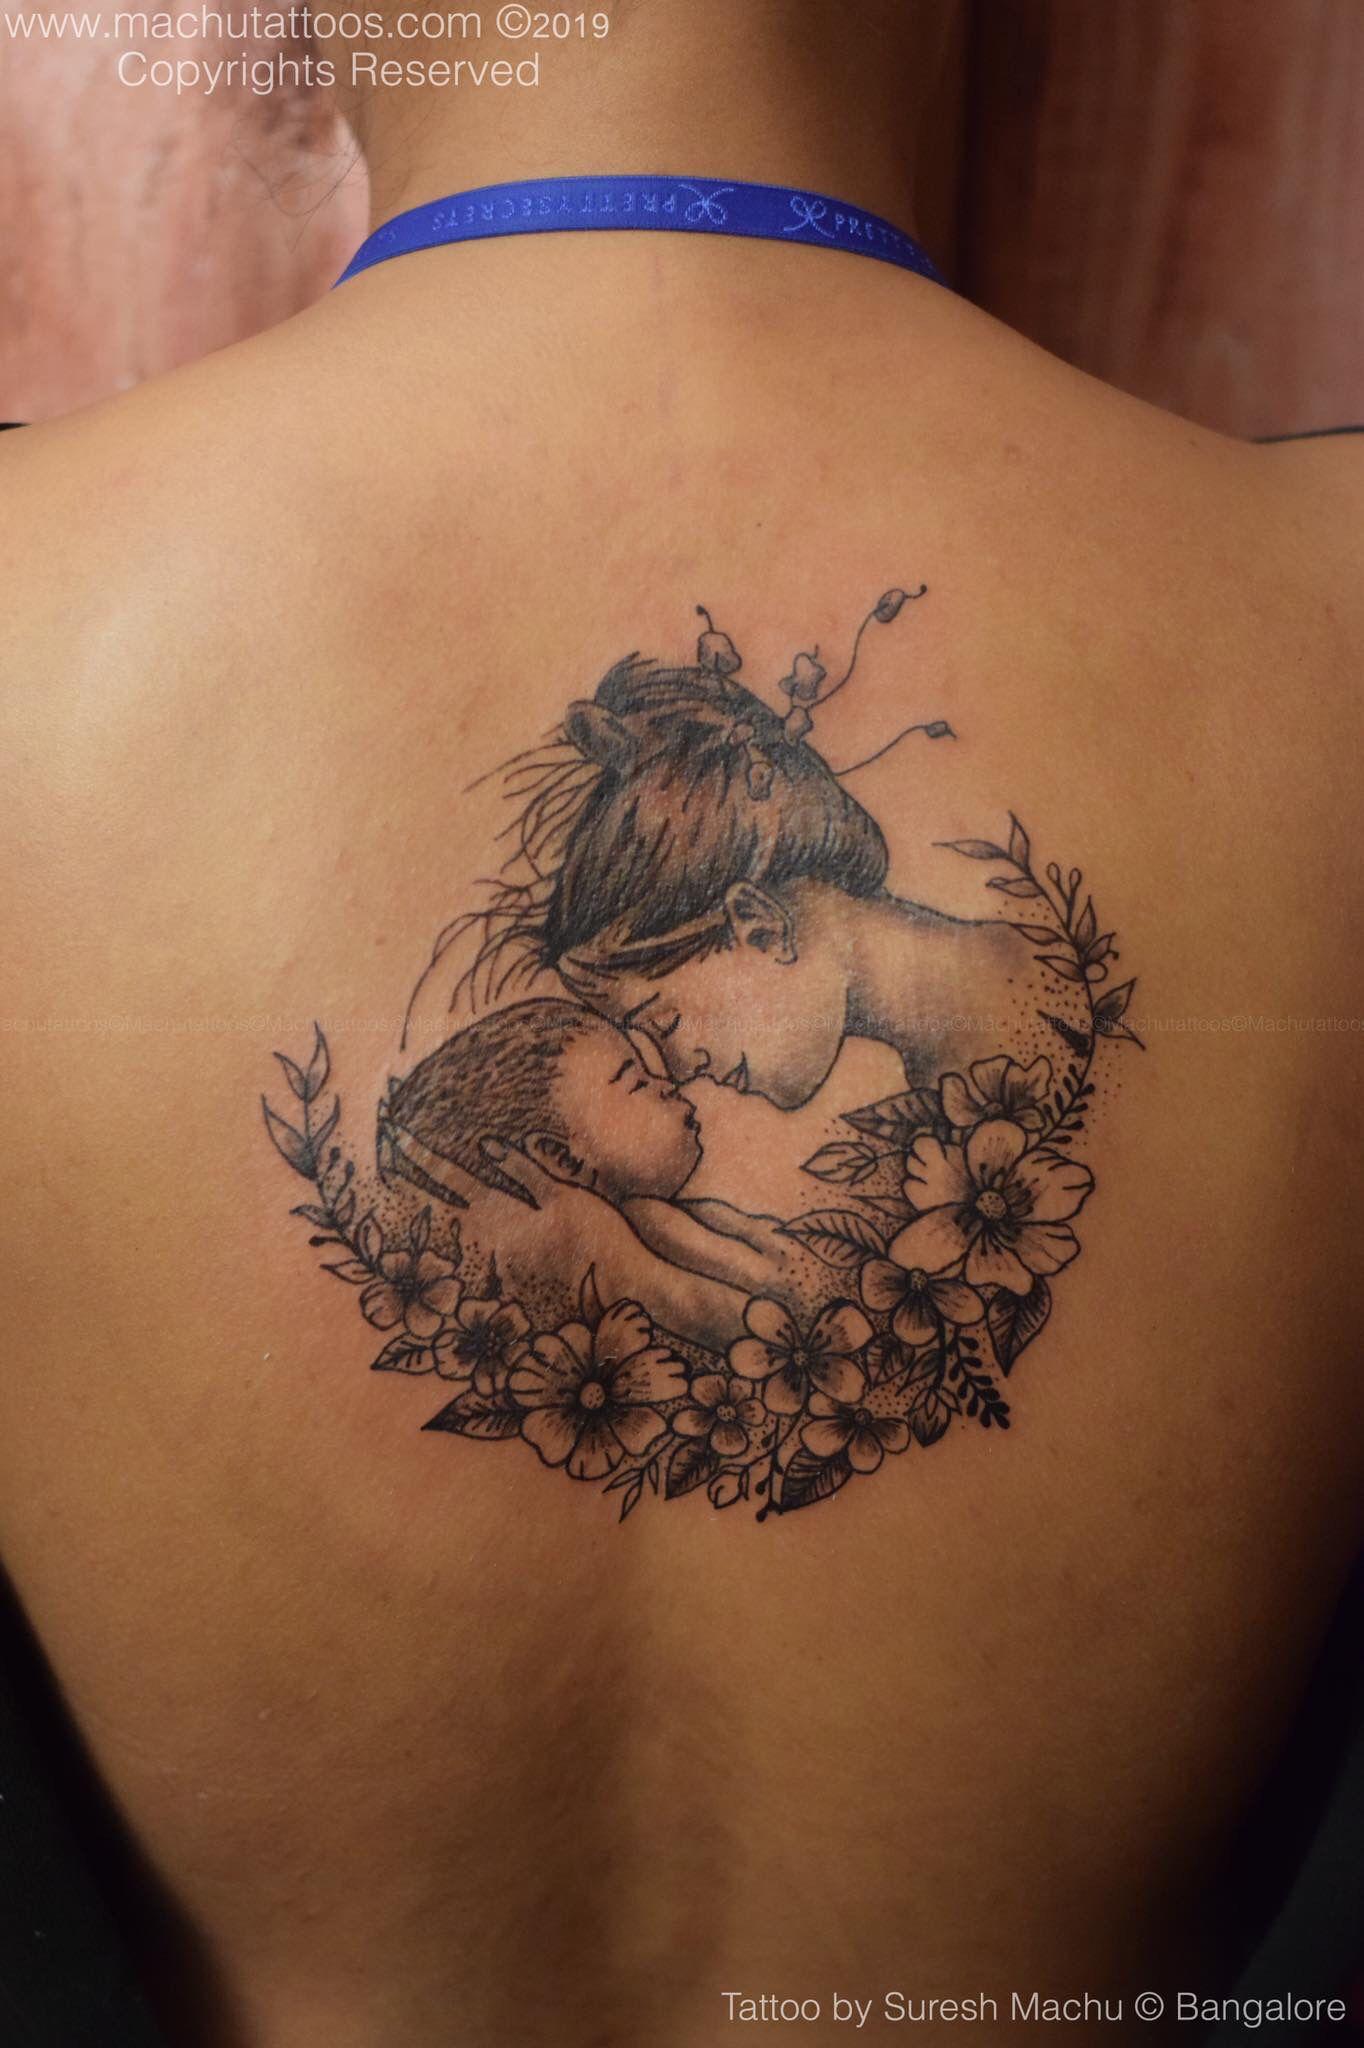 India Love Back Tattoo : india, tattoo, Tattoo, Daugter, Artists,, Studio,, Tattoos